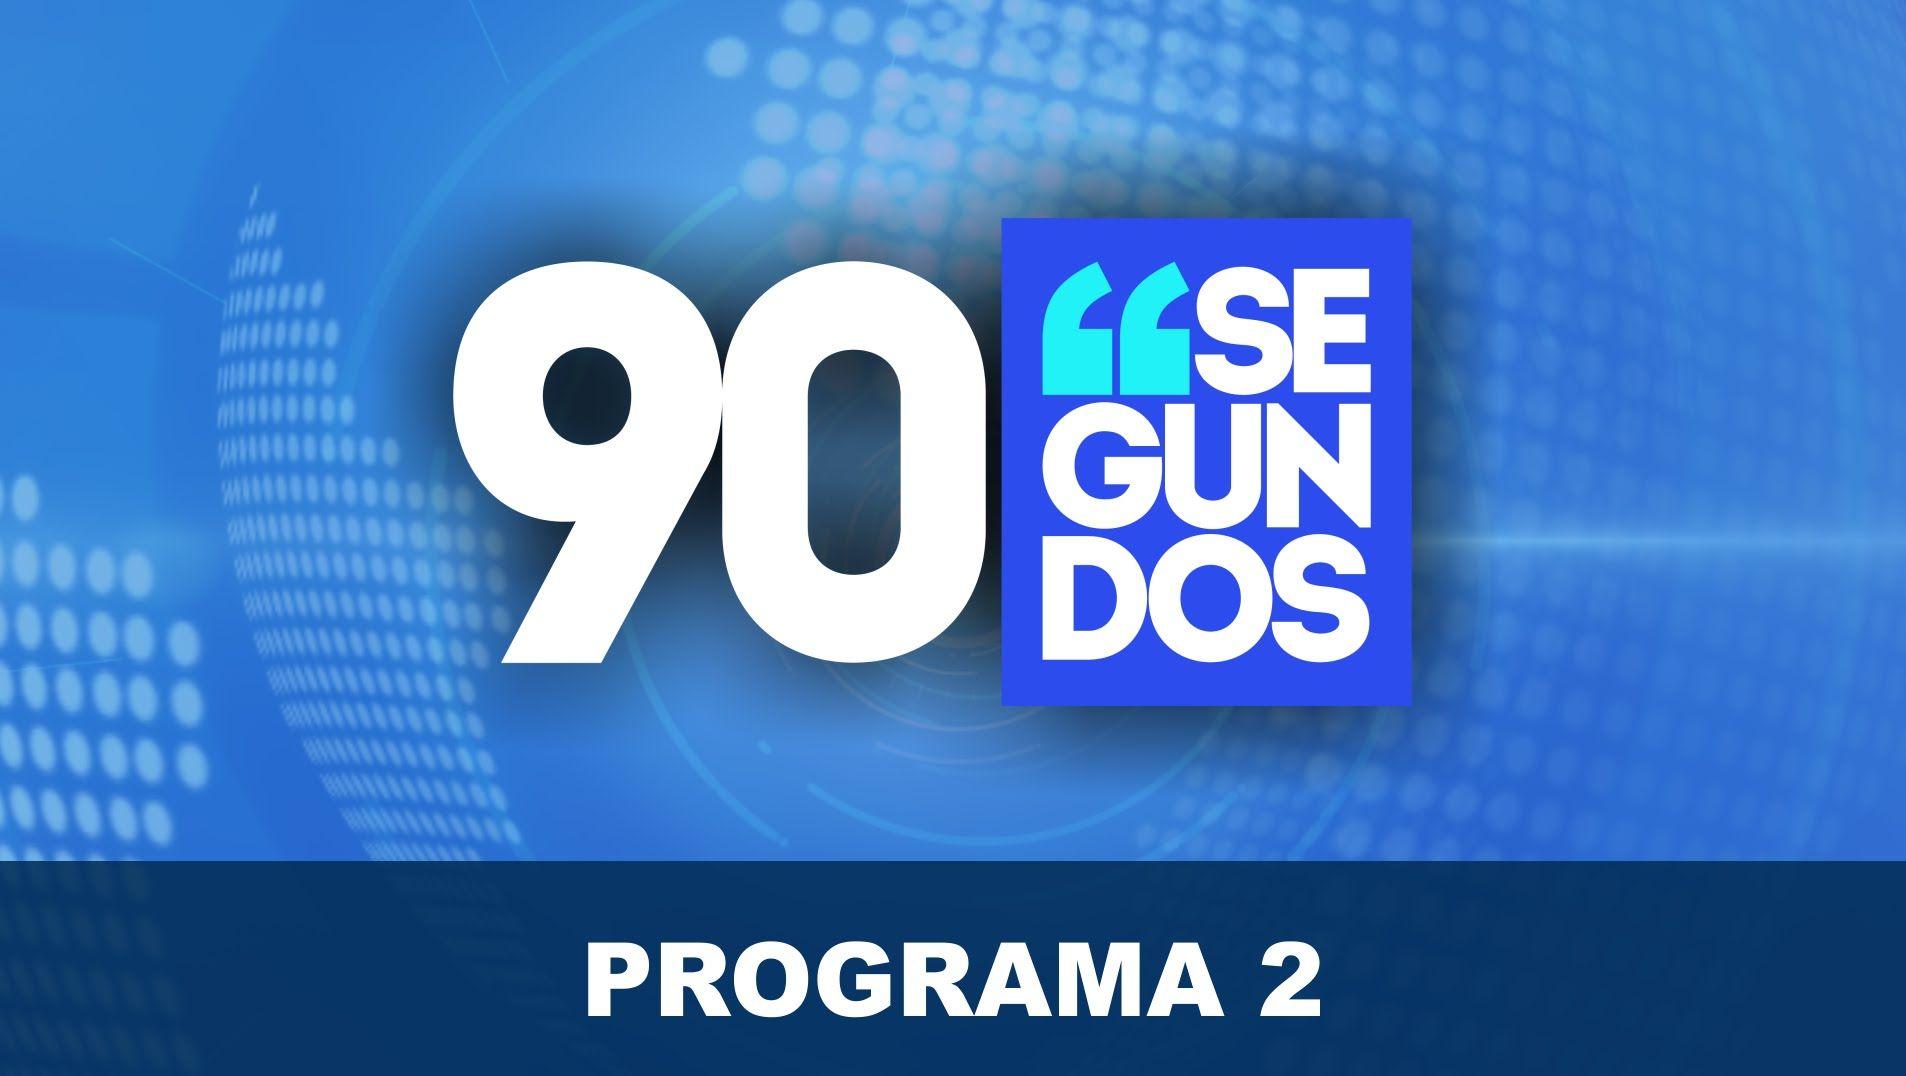 90 Segundos - Programa 2: 30 segundos de pura publicidade